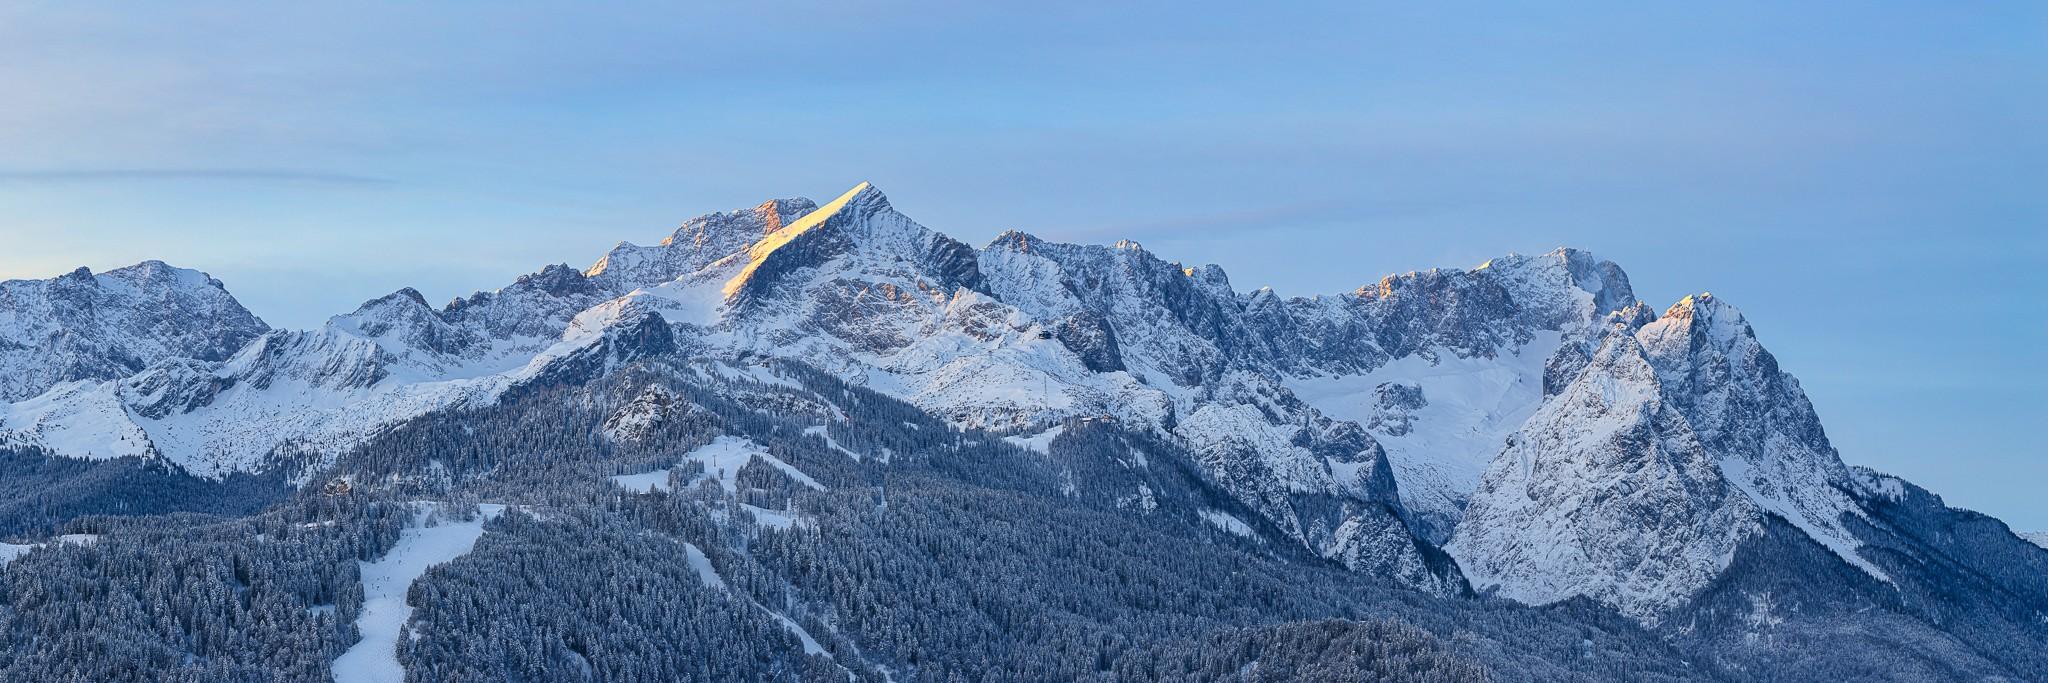 Das erste Sonnenlicht streift die Bergspitzen über Garmisch-Partenkirchen. Alpspitze, Zugspitze und Waxenstein mit Pulverschnee!